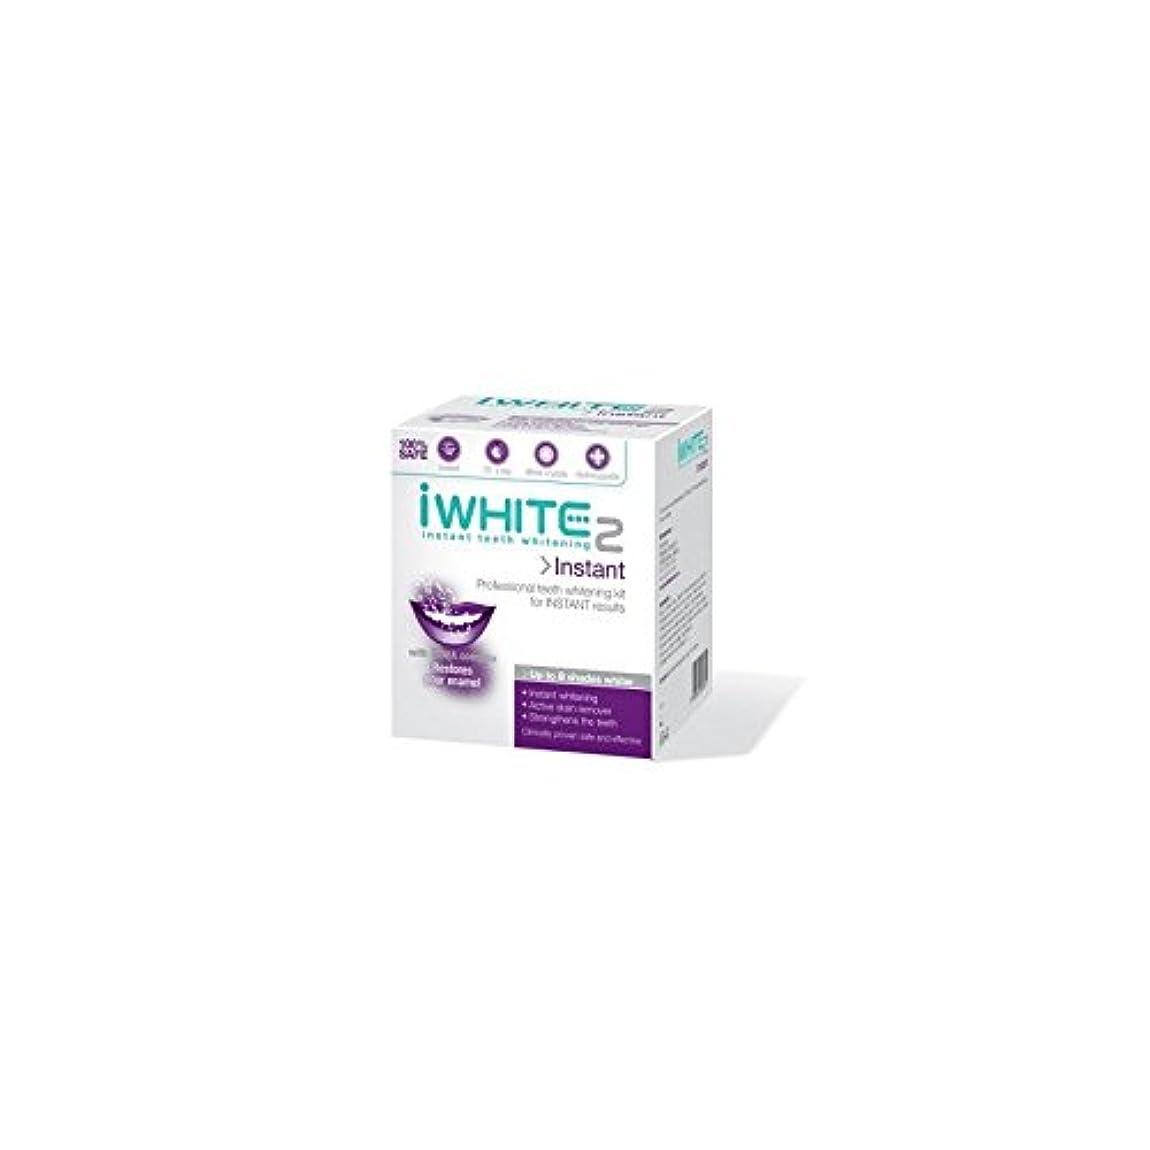 航空割り当て近所のインスタントキットを白く2本のプロ歯(10トレイ) x2 - iWhite Instant 2 Professional Teeth Whitening Kit (10 Trays) (Pack of 2) [並行輸入品]